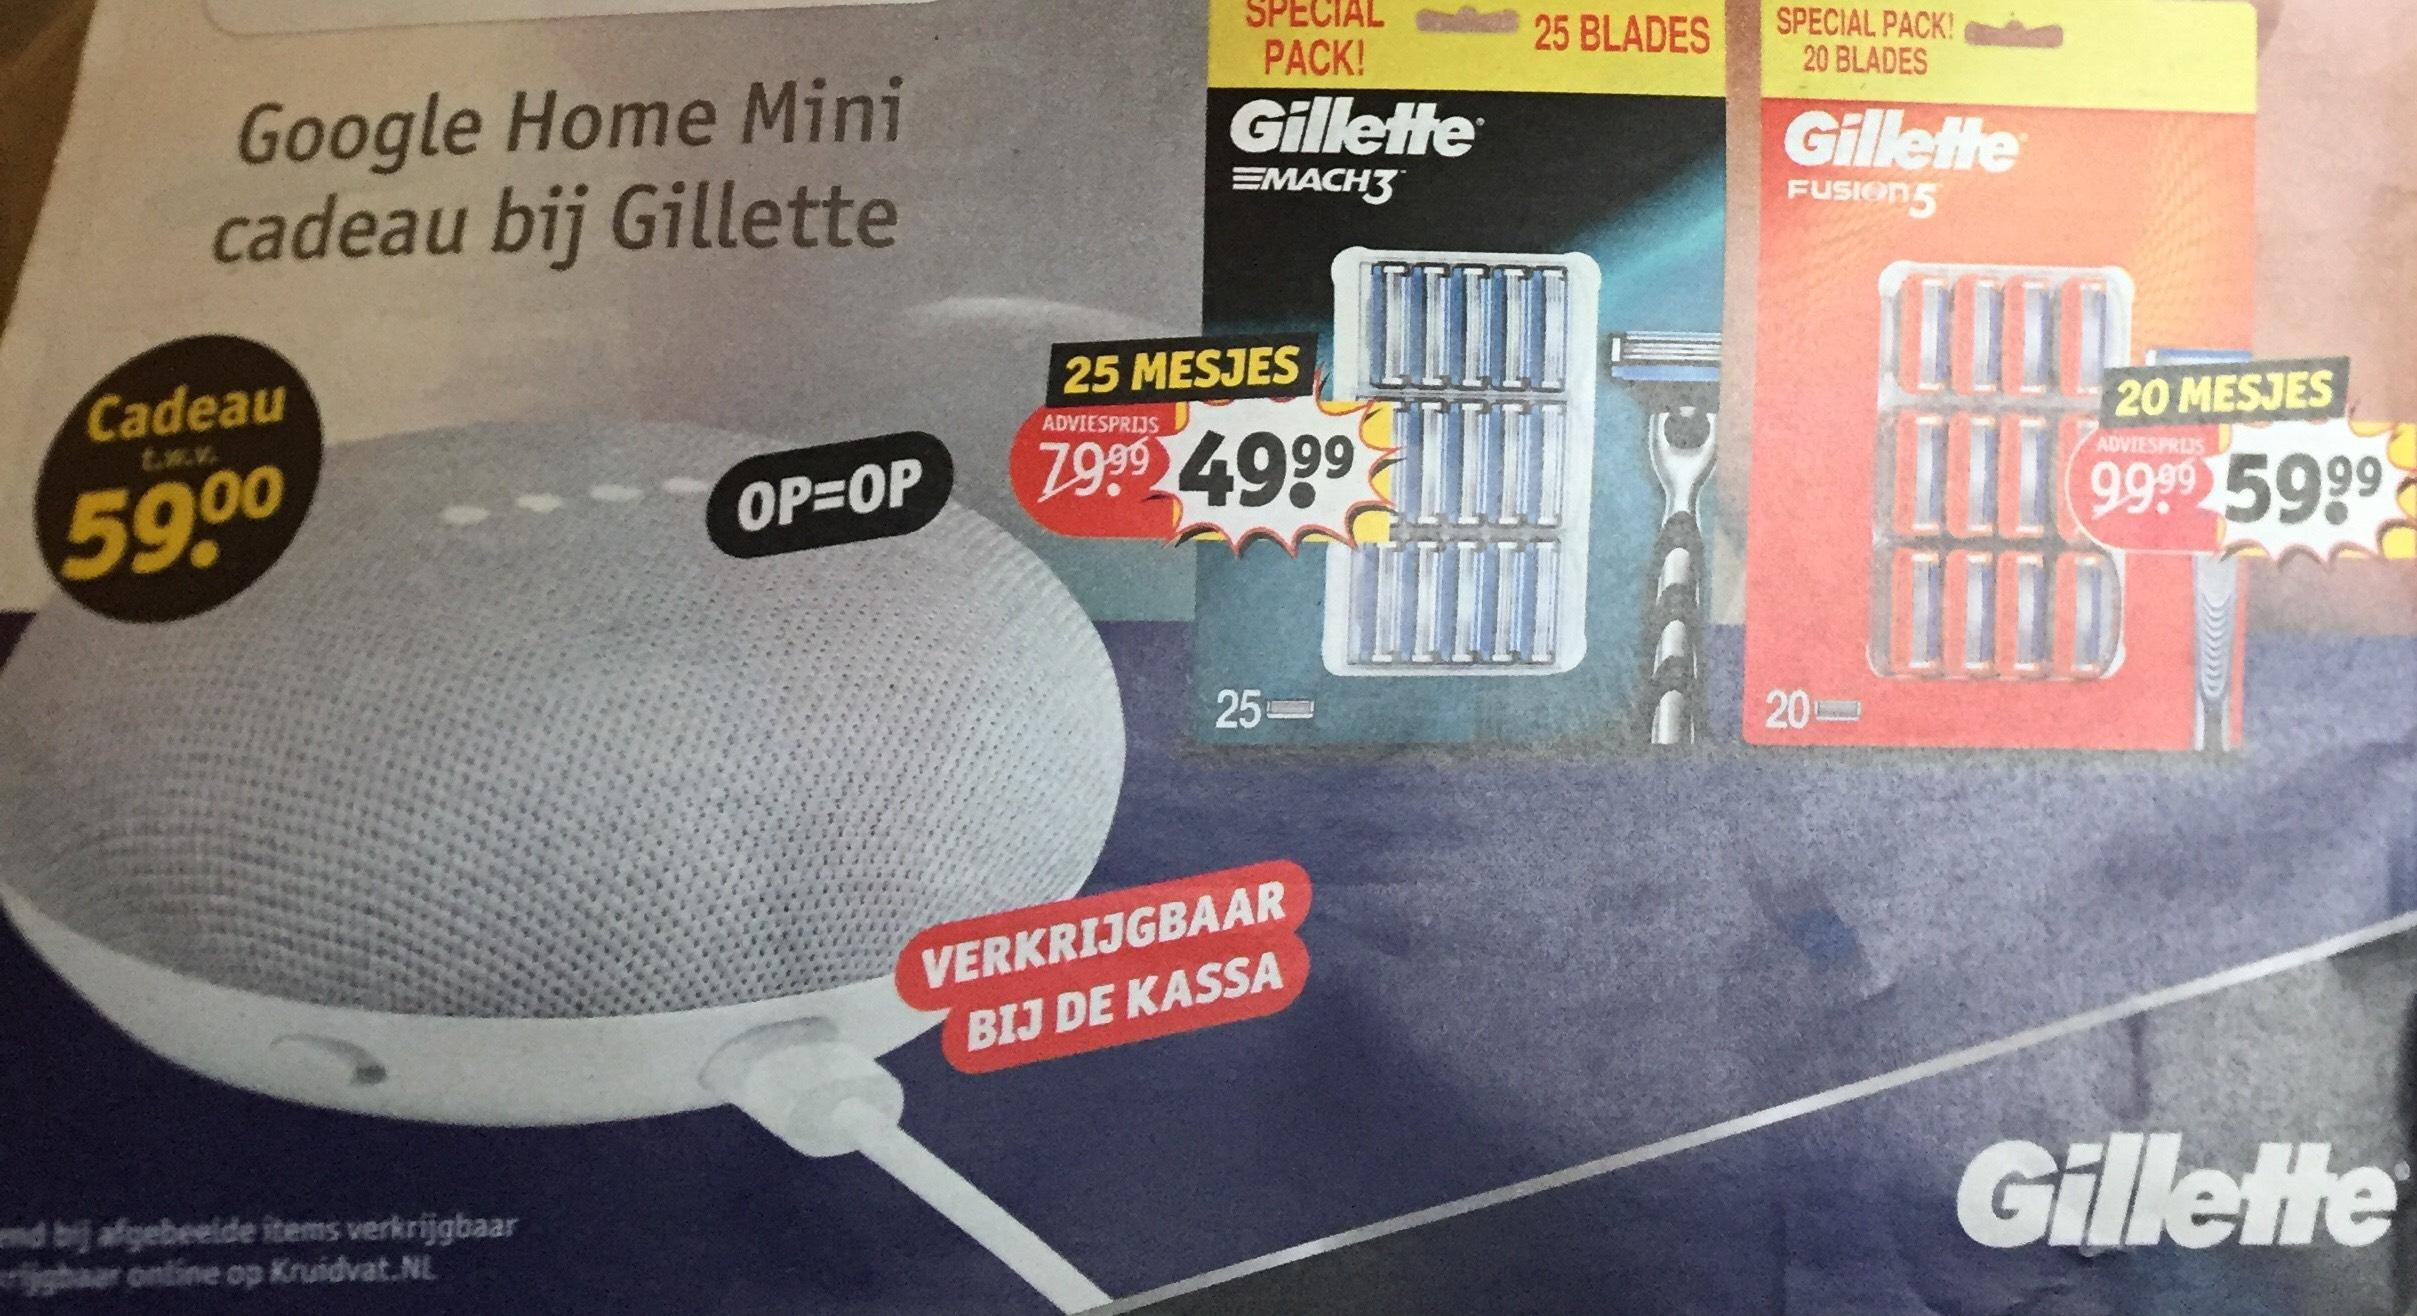 Kruidvat: Gratis ' Google Home Mini' bij aankoop van Gilette Mach3 of Fushion 5